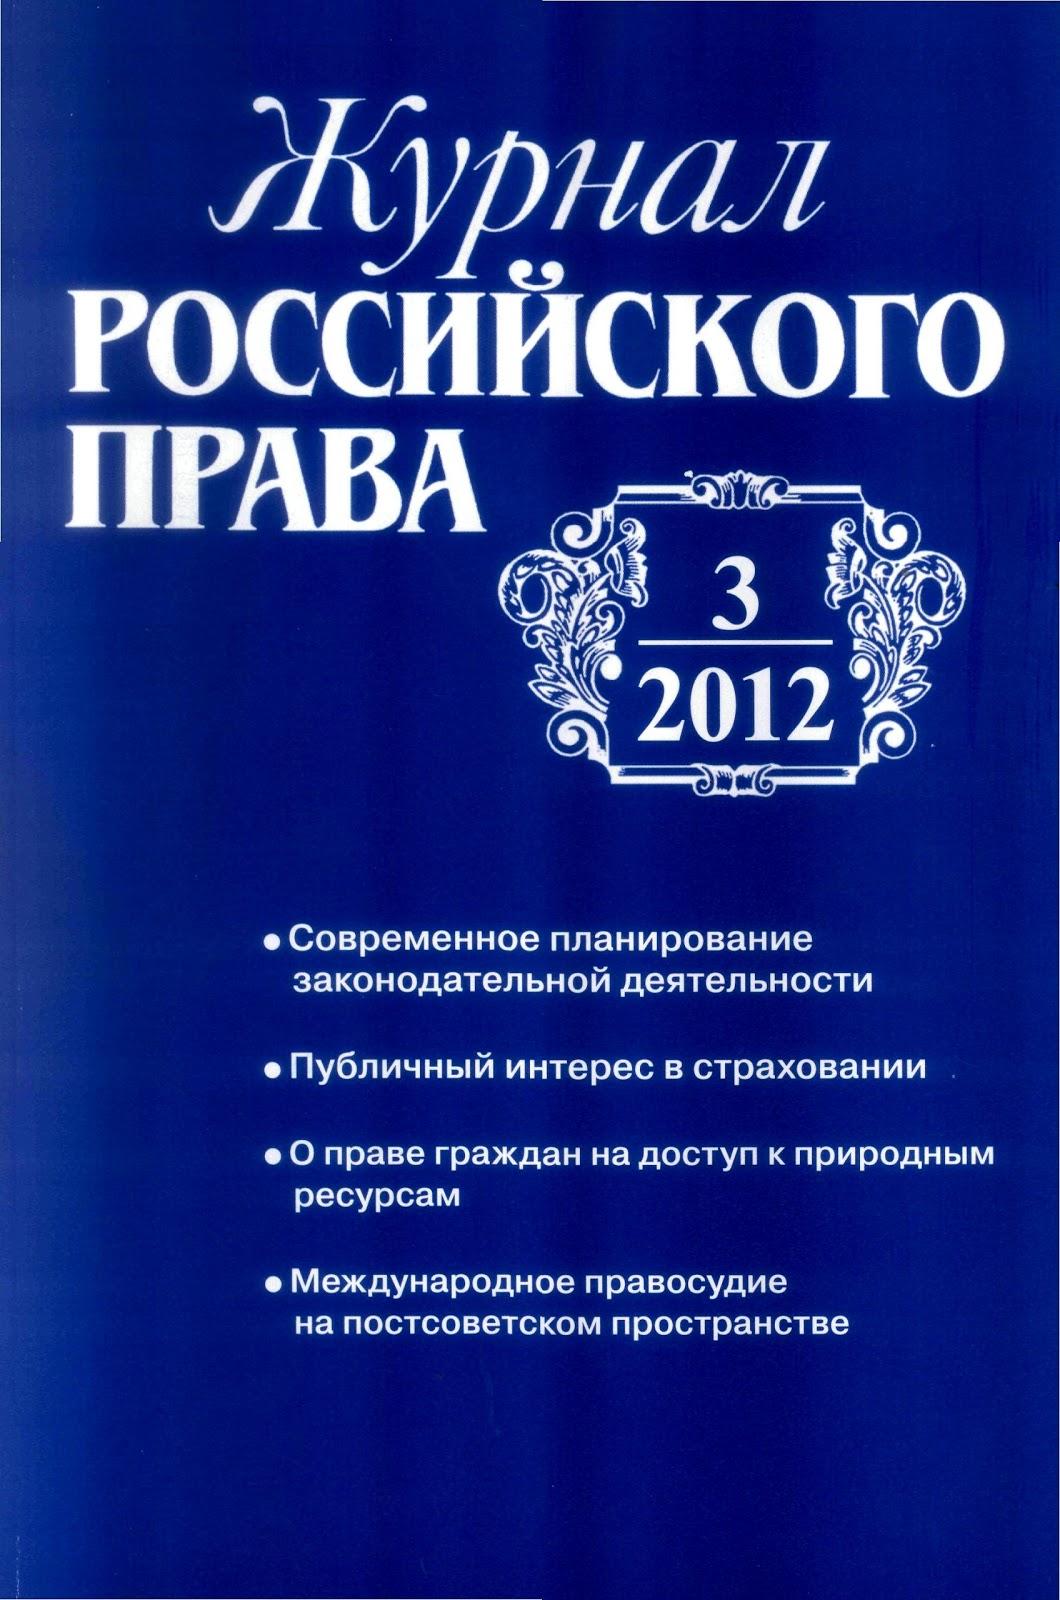 Учебник Право Европейского Союза Кашкин.rar